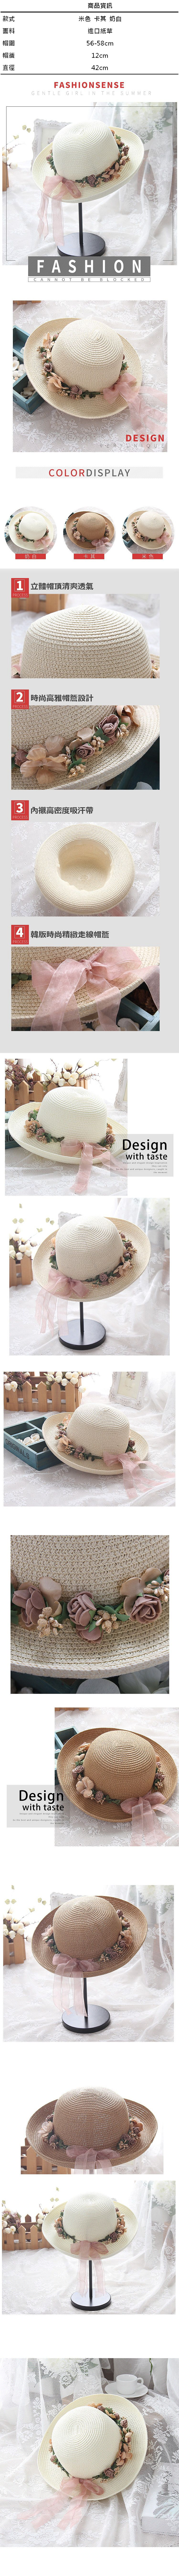 草帽、遮阳帽